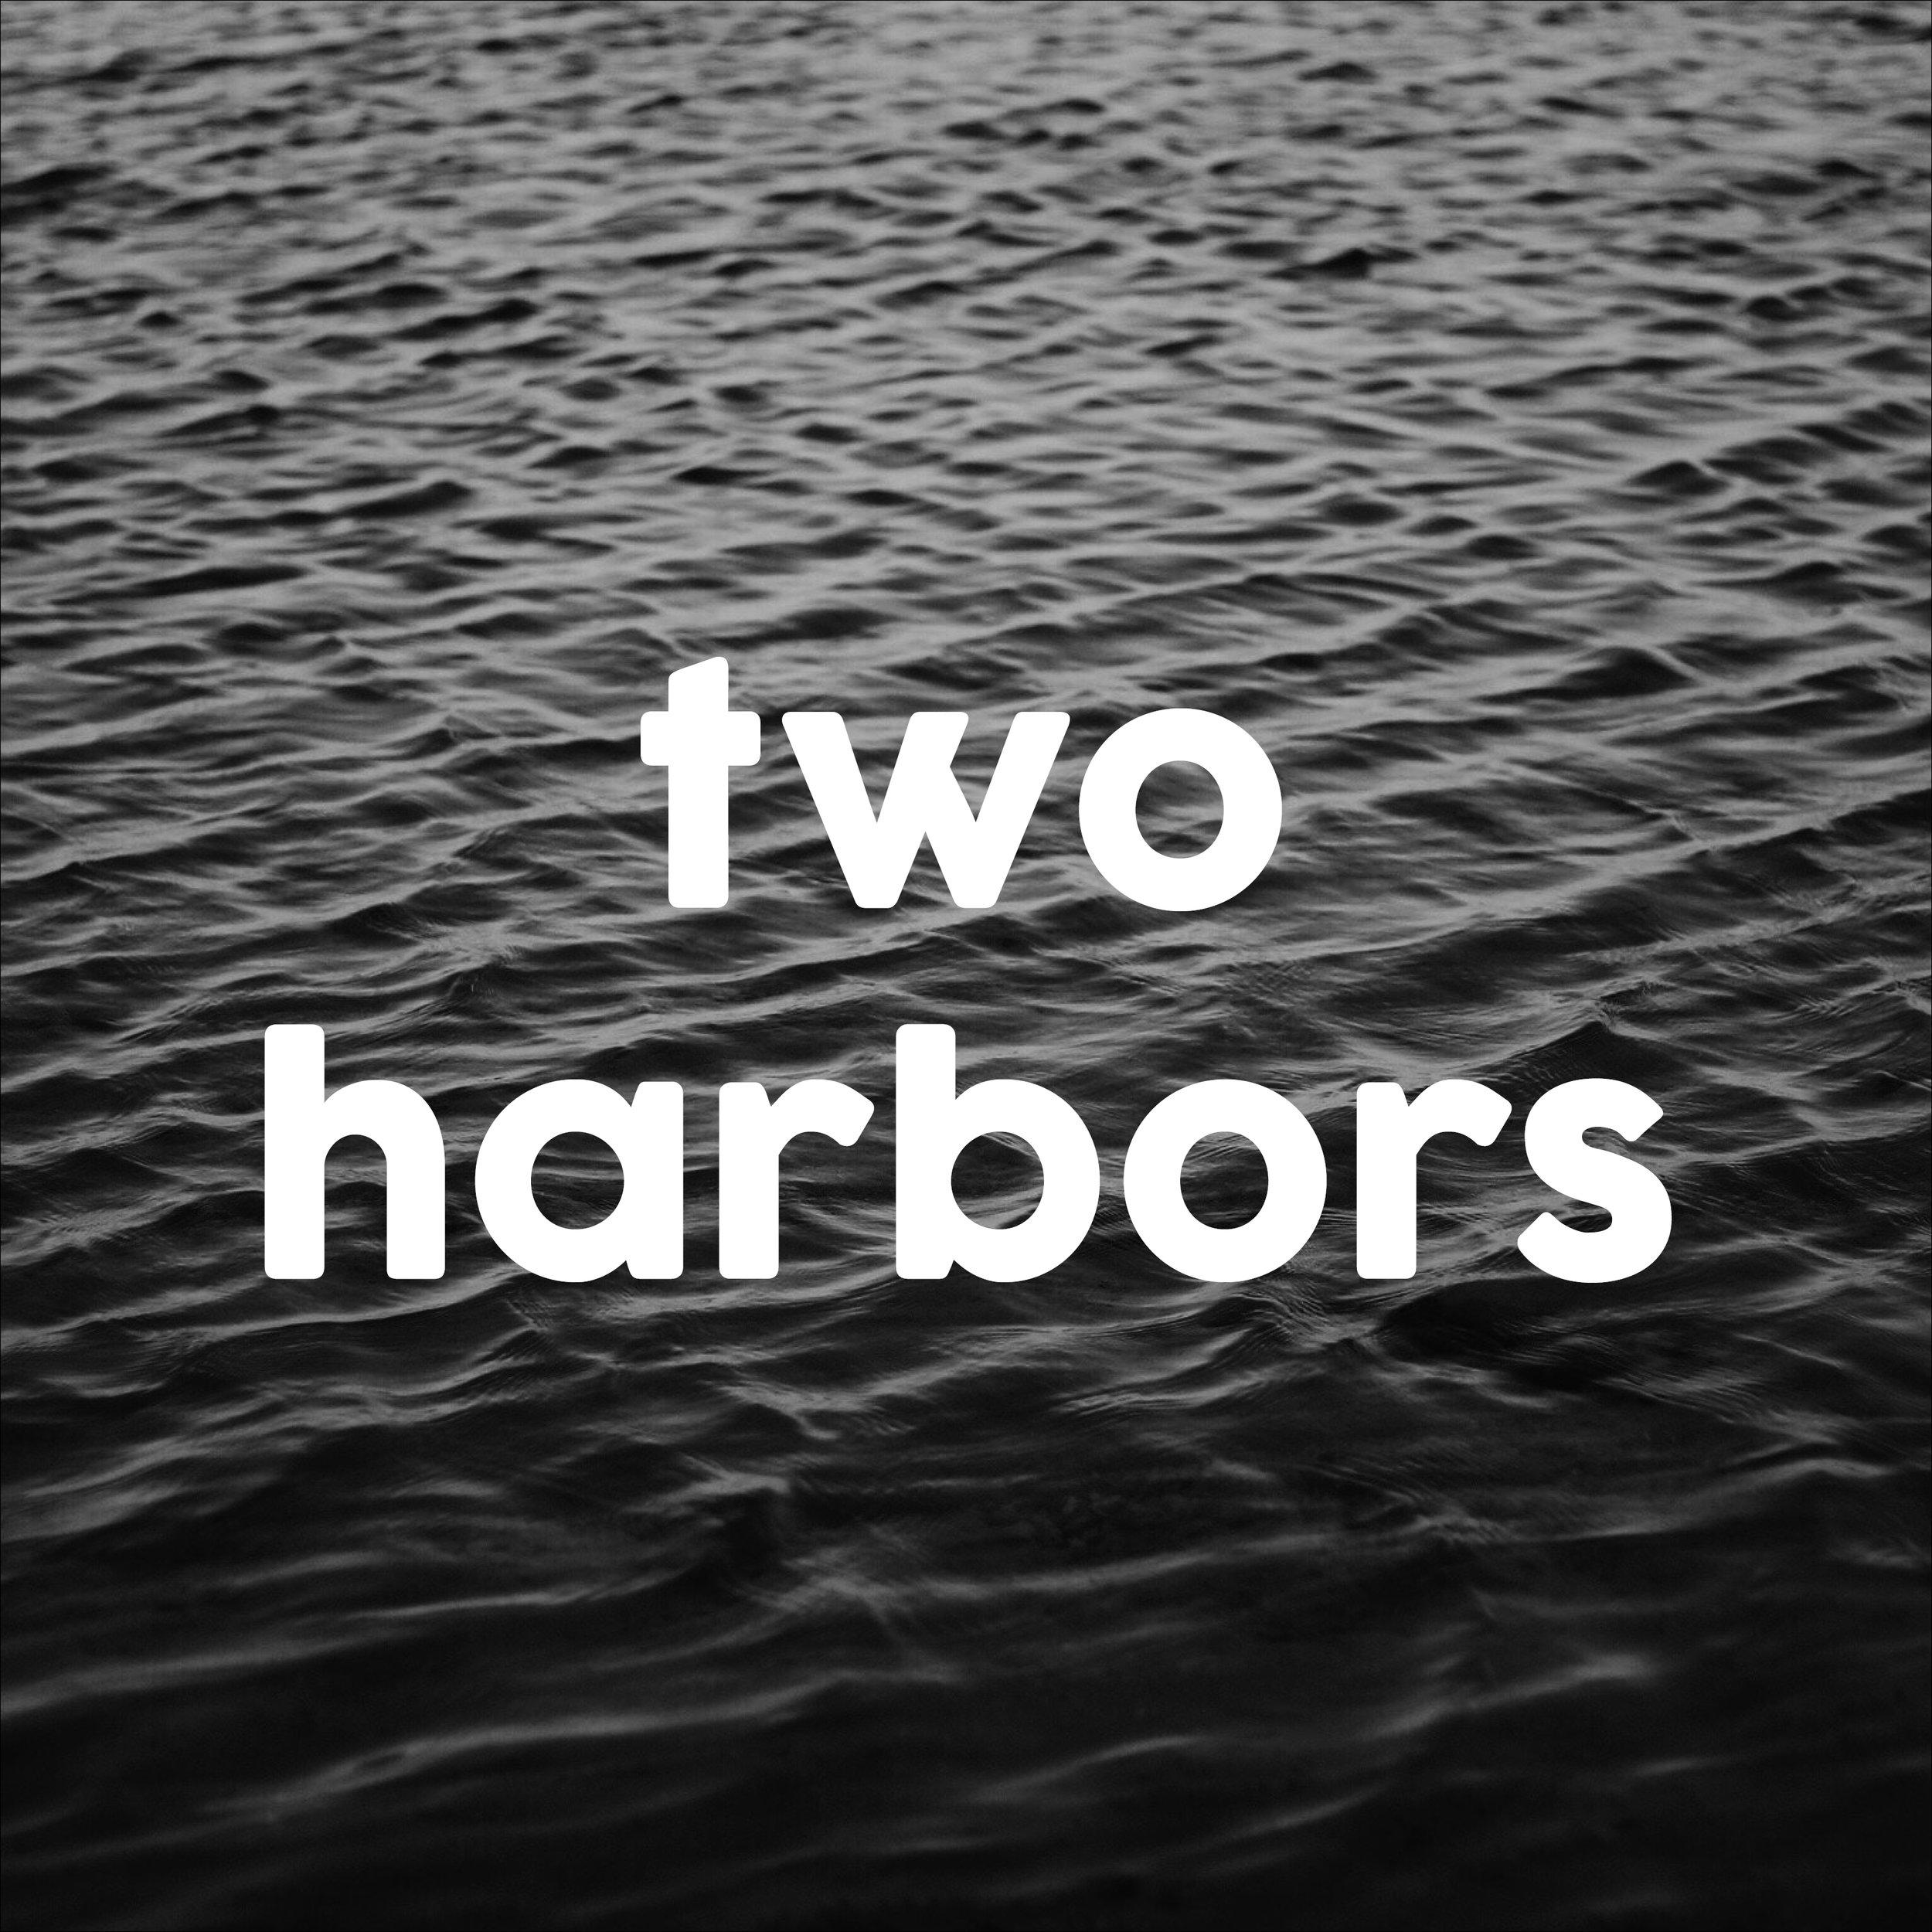 two harbors.jpg